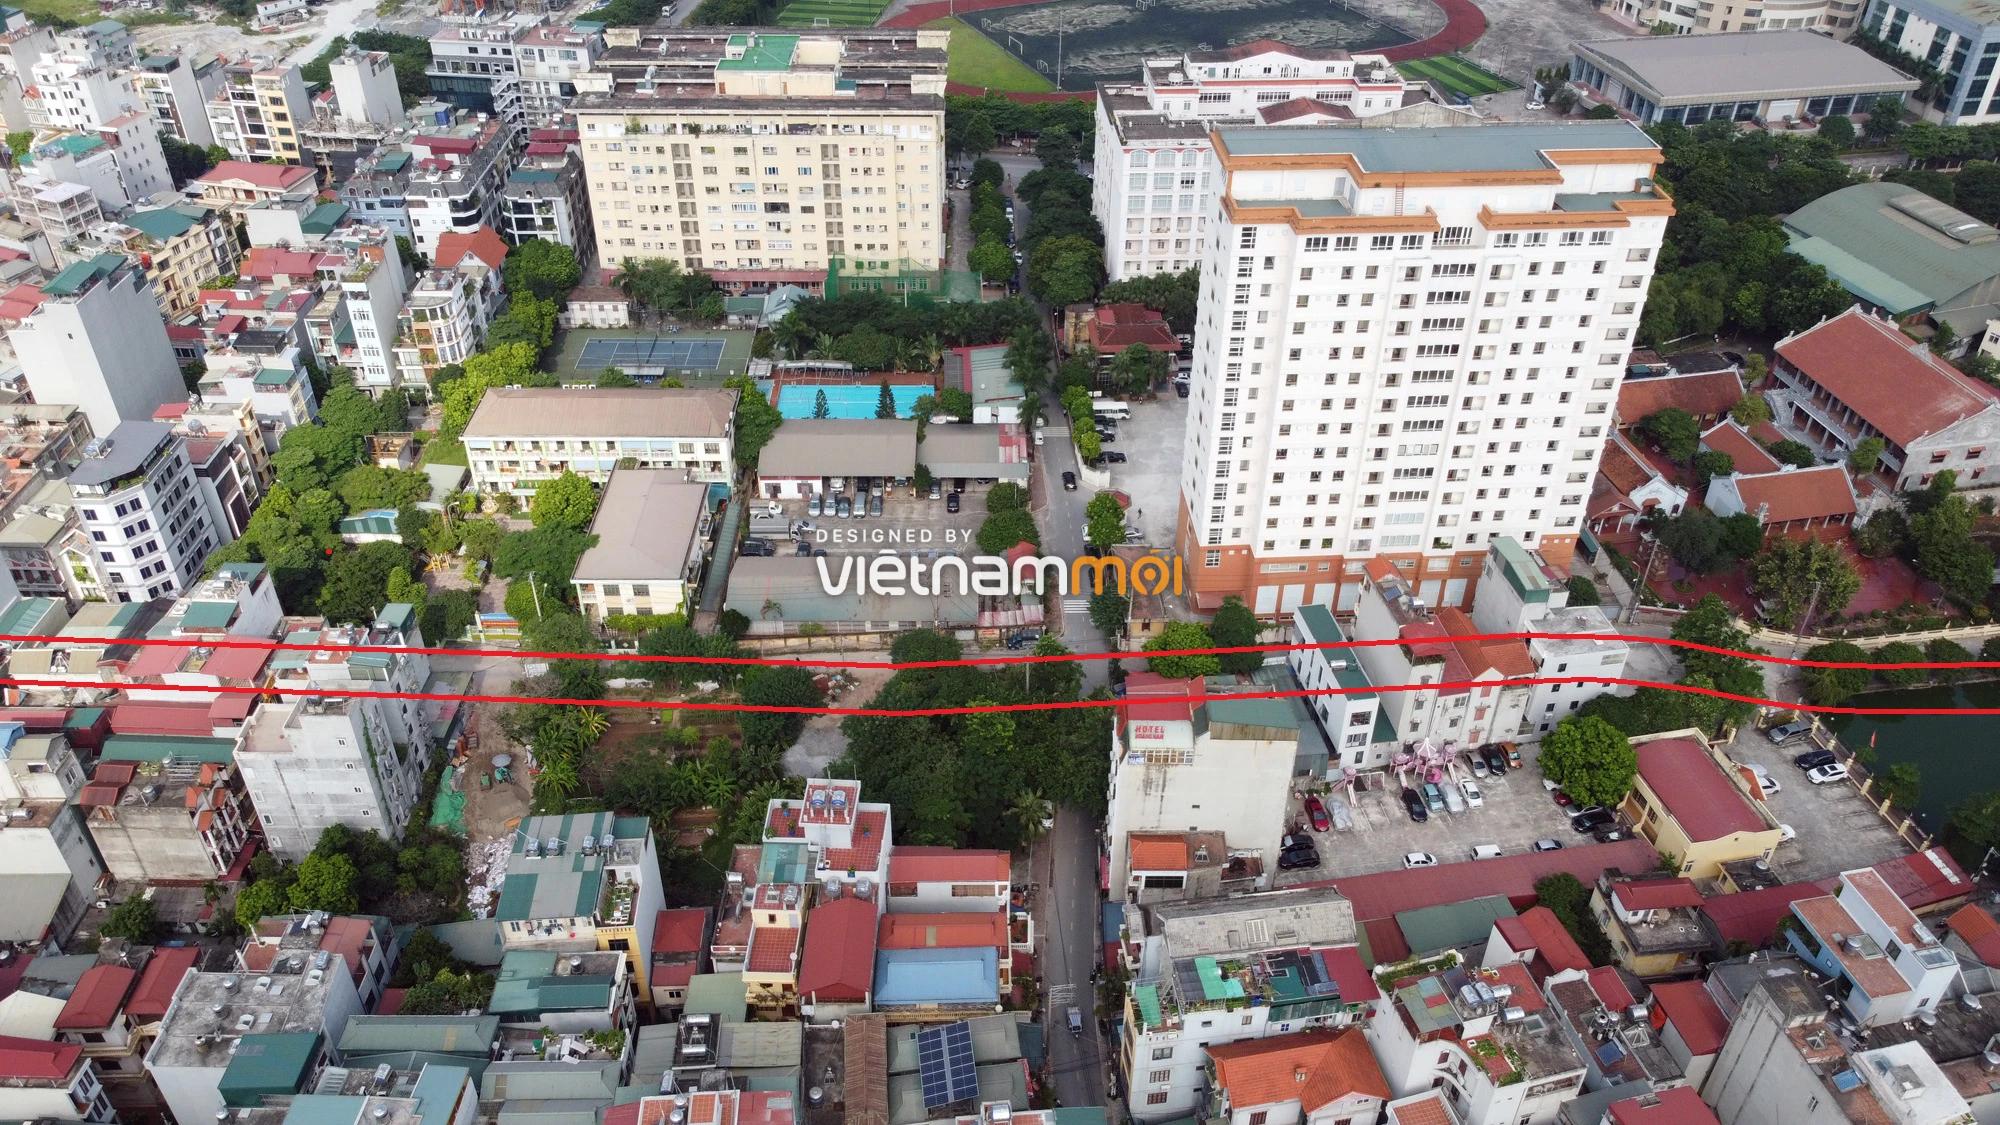 Những khu đất sắp thu hồi để mở đường ở xã Thanh Liệt, Thanh Trì, Hà Nội (phần 4) - Ảnh 10.